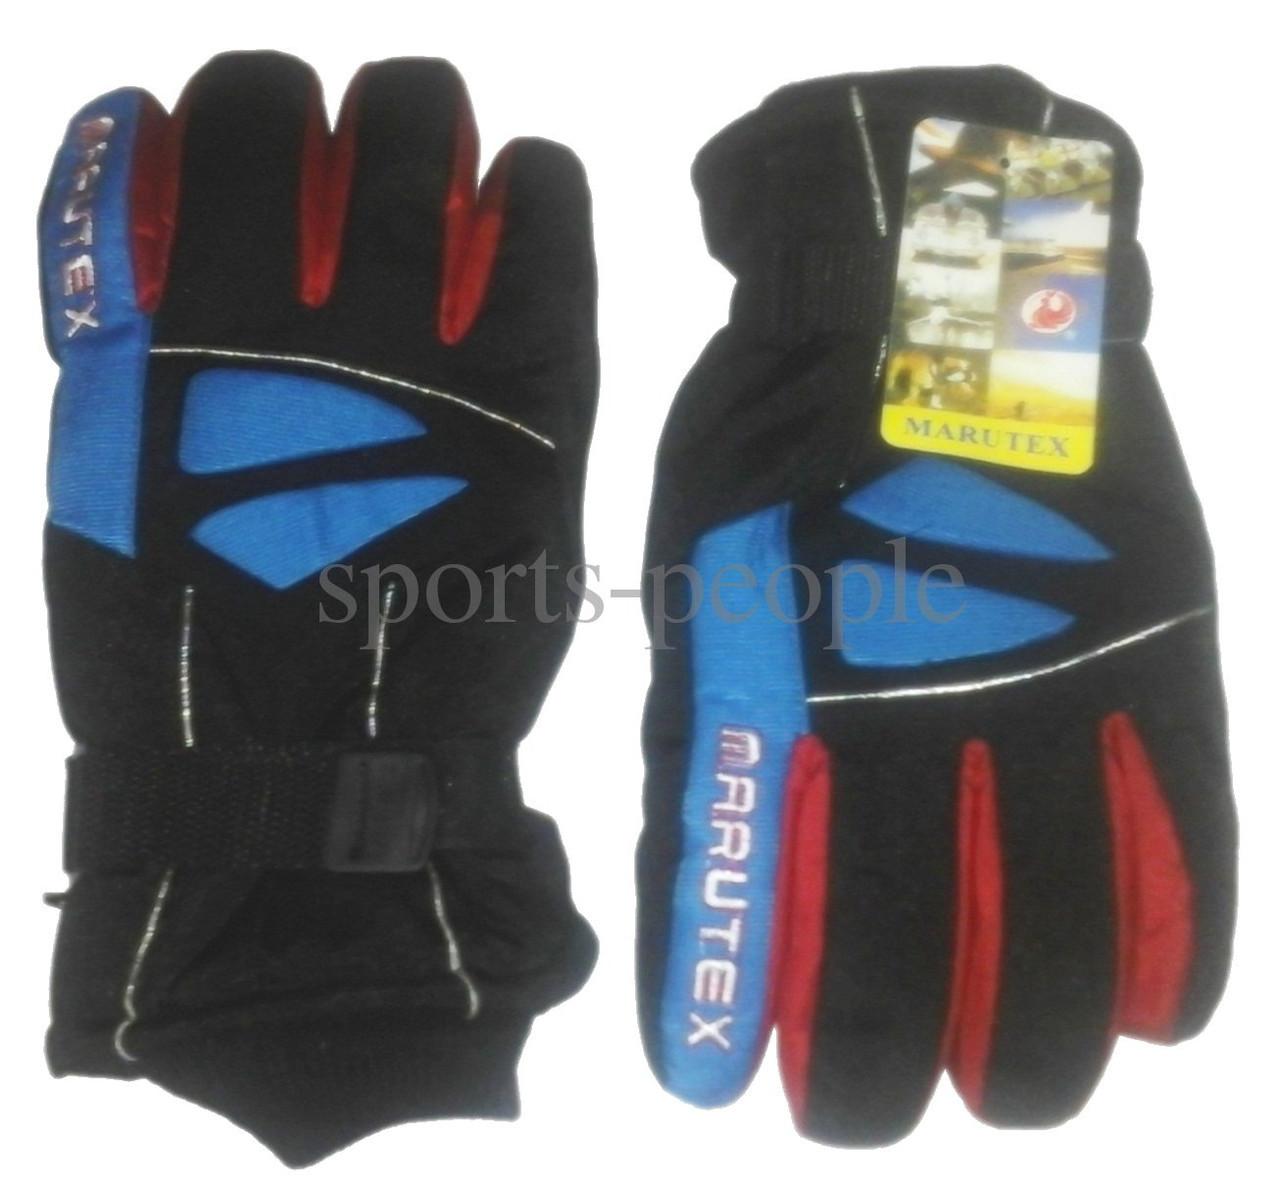 Перчатки горнолыжные Marutex, L, черный+красный+синий цвет.